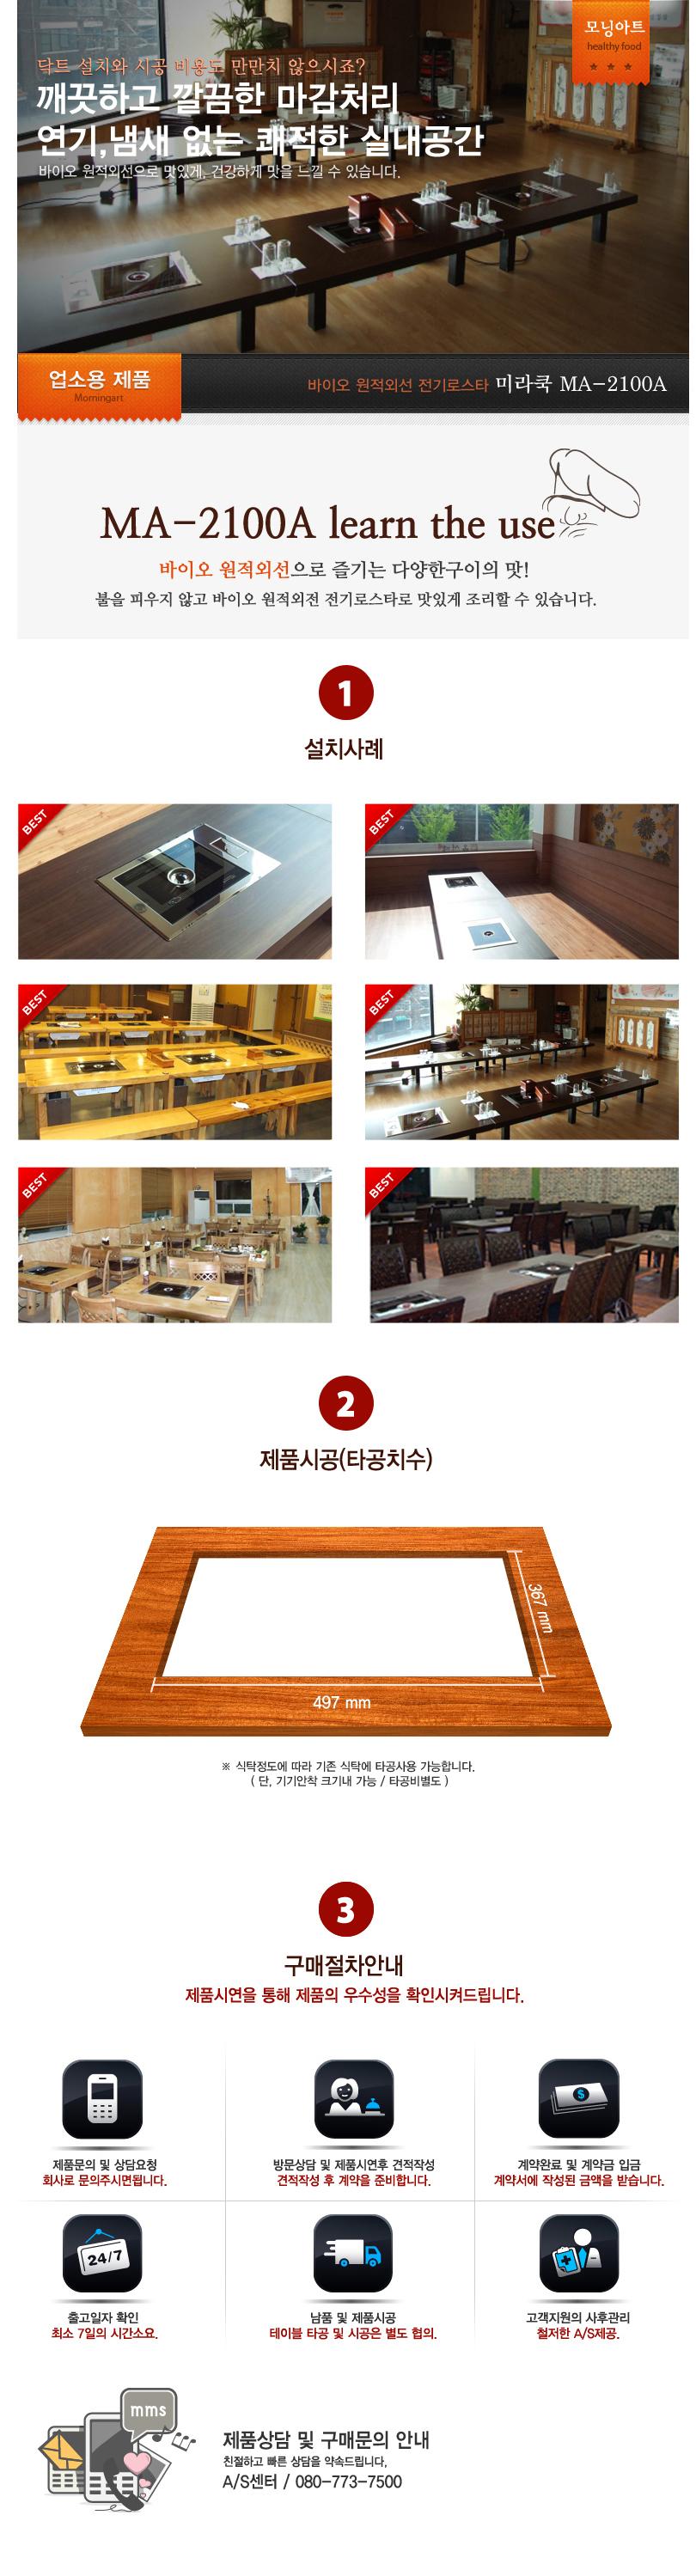 """""""가족의 건강을 생각하는 기업"""" 모닝아트에 오신걸 환영합니다.: http://www.morningart.co.kr/board/?&ourlang=korean&sub_menu=product&sub_content=sub1_2"""